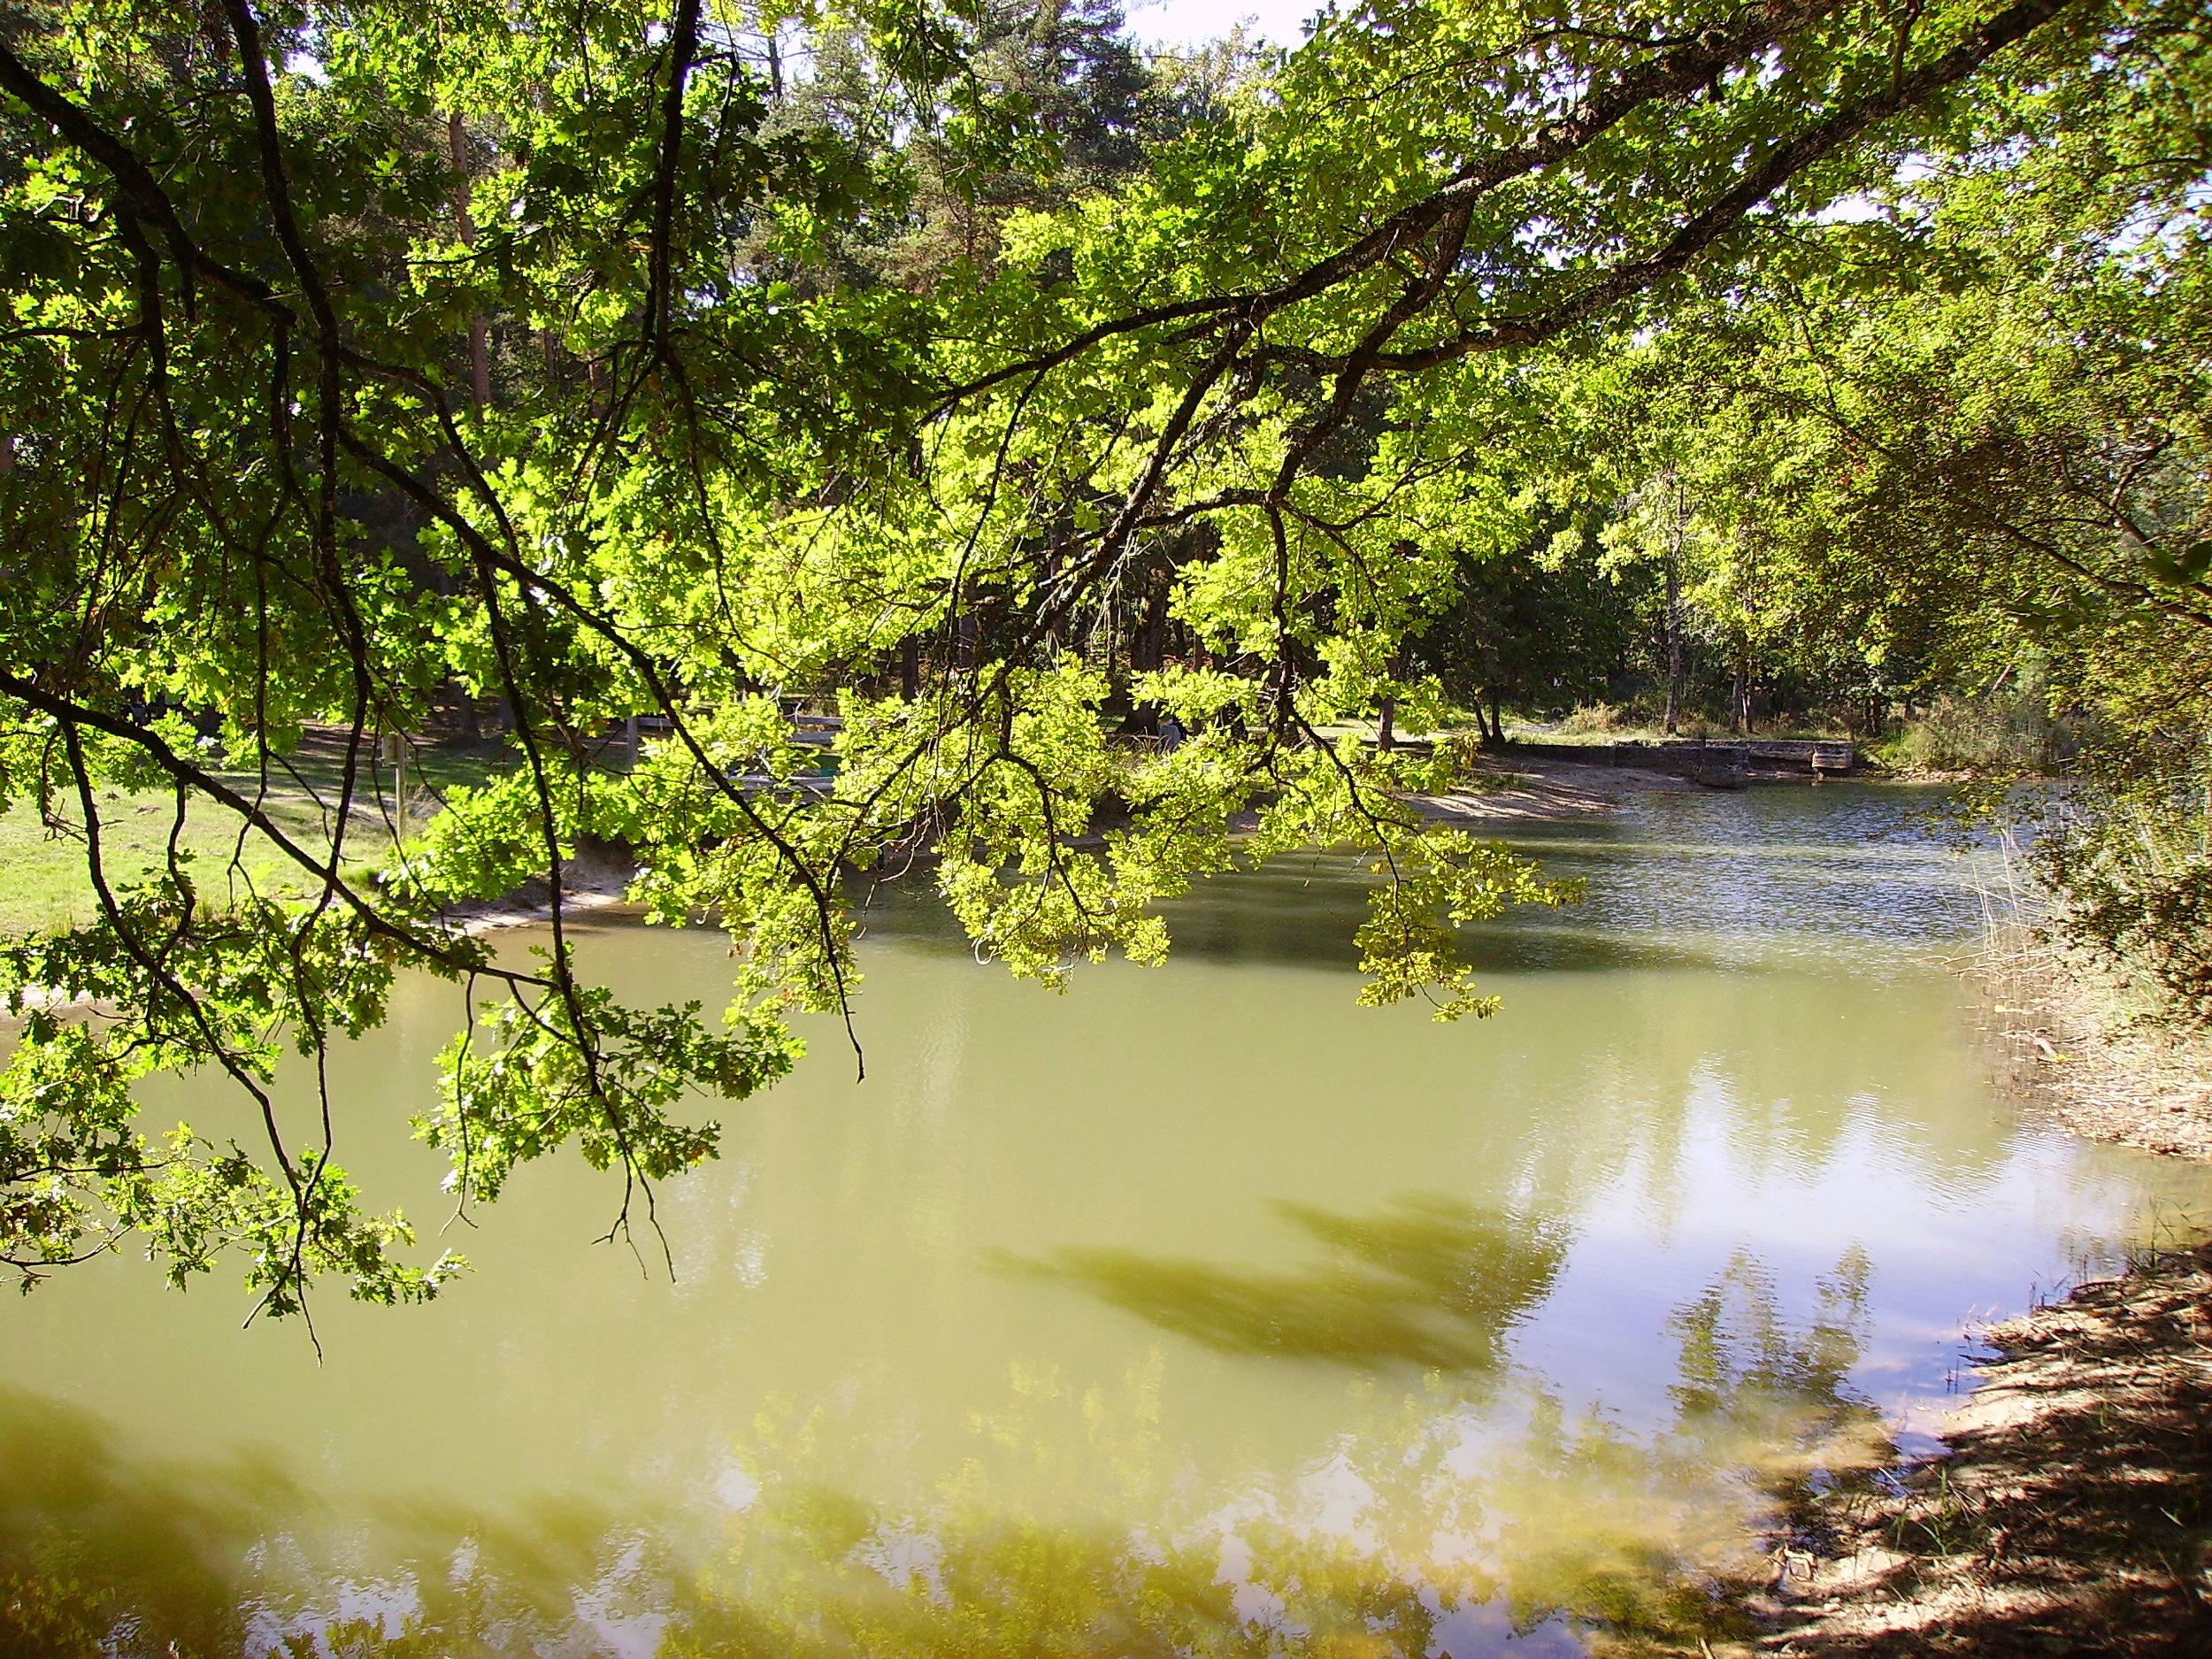 - Localisée à l'ouest du Périgord entre deux rivières, la Rizonne, affluent de la Dronne, au nord et l'Isle au sud, la Double est une région forestière aux formes douces, parcourue par de nombreux ruisseaux et parsemée de nombreux étangs. Comparée parfois à la Sologne, elle présente les mêmes sols argilo-sablonneux. Terre de refuge, devenue inhospitalière et même hostile après une exploitation sylvicole systématique, la Double présente aujourd'hui un paysage très particulier et un habitat rural traditionnel spécifique.